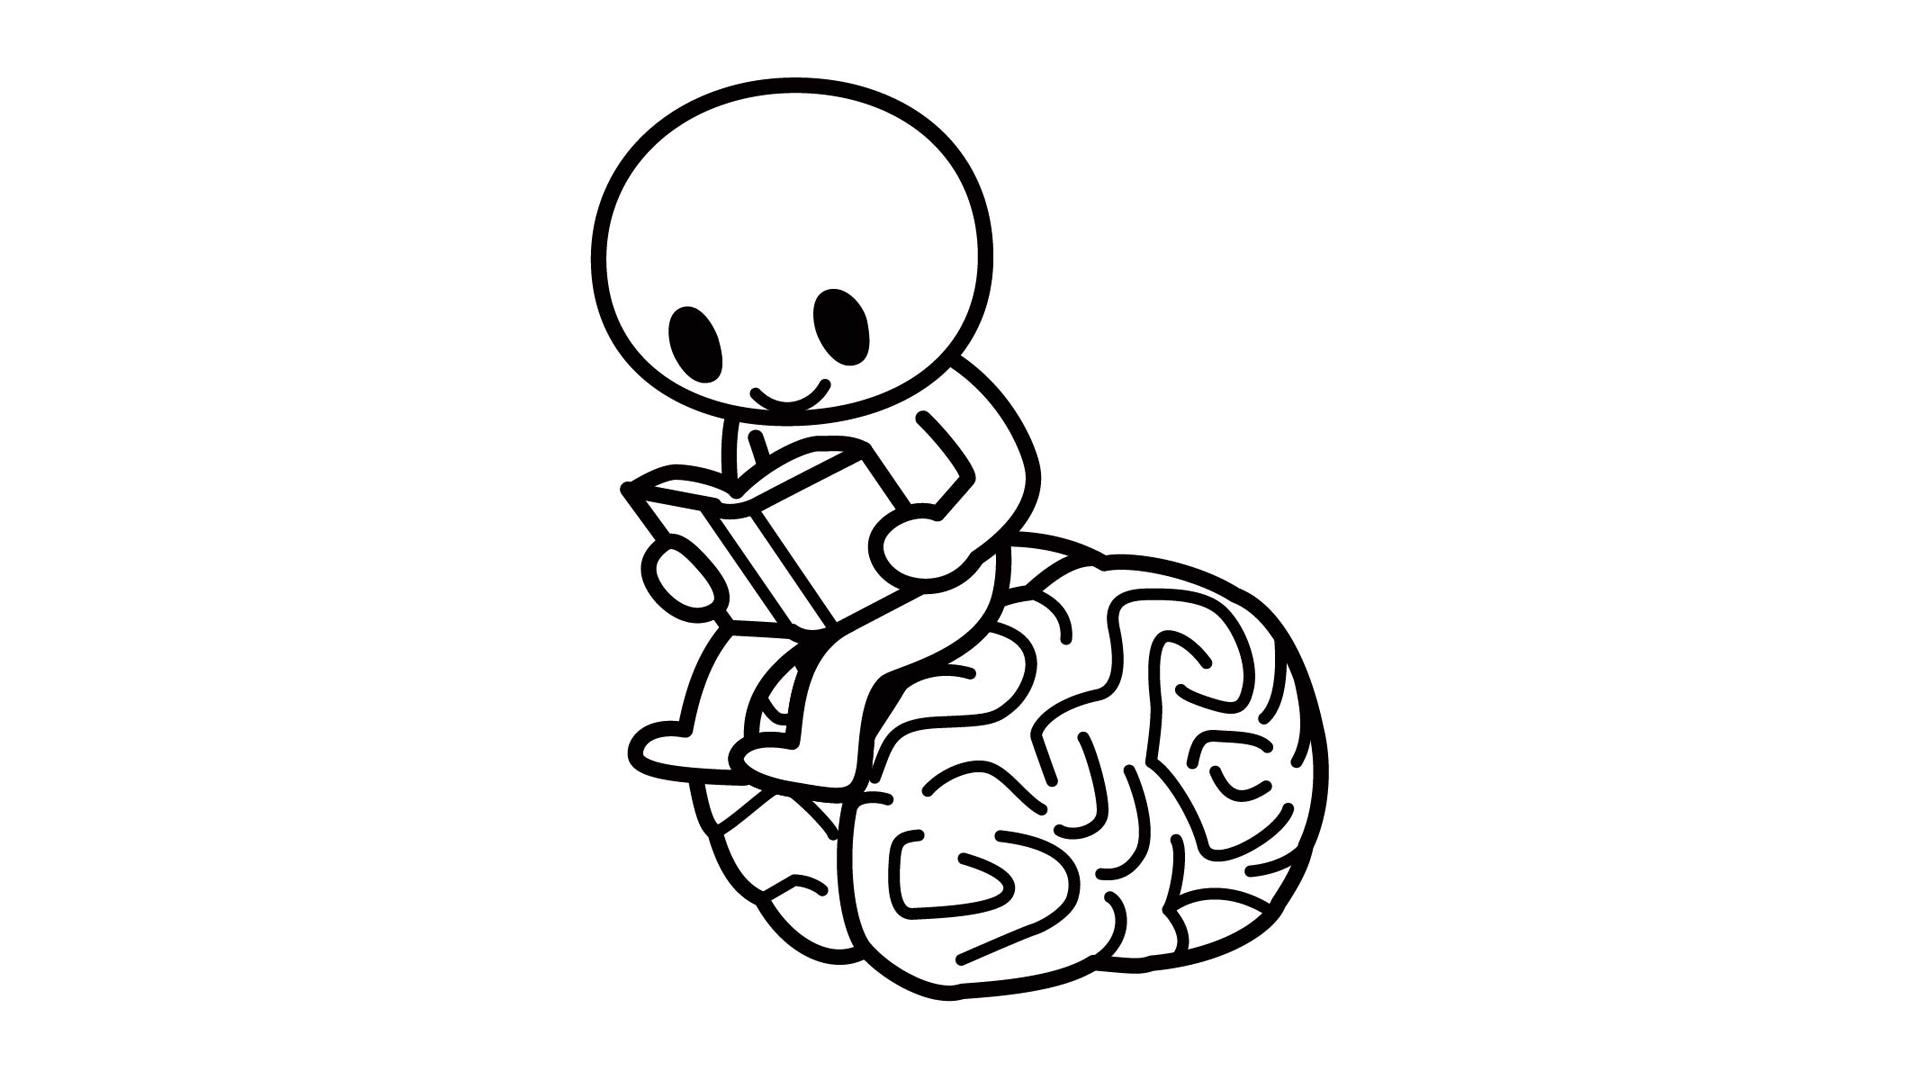 著者が喜ぶ書評(読書感想文)の書き方